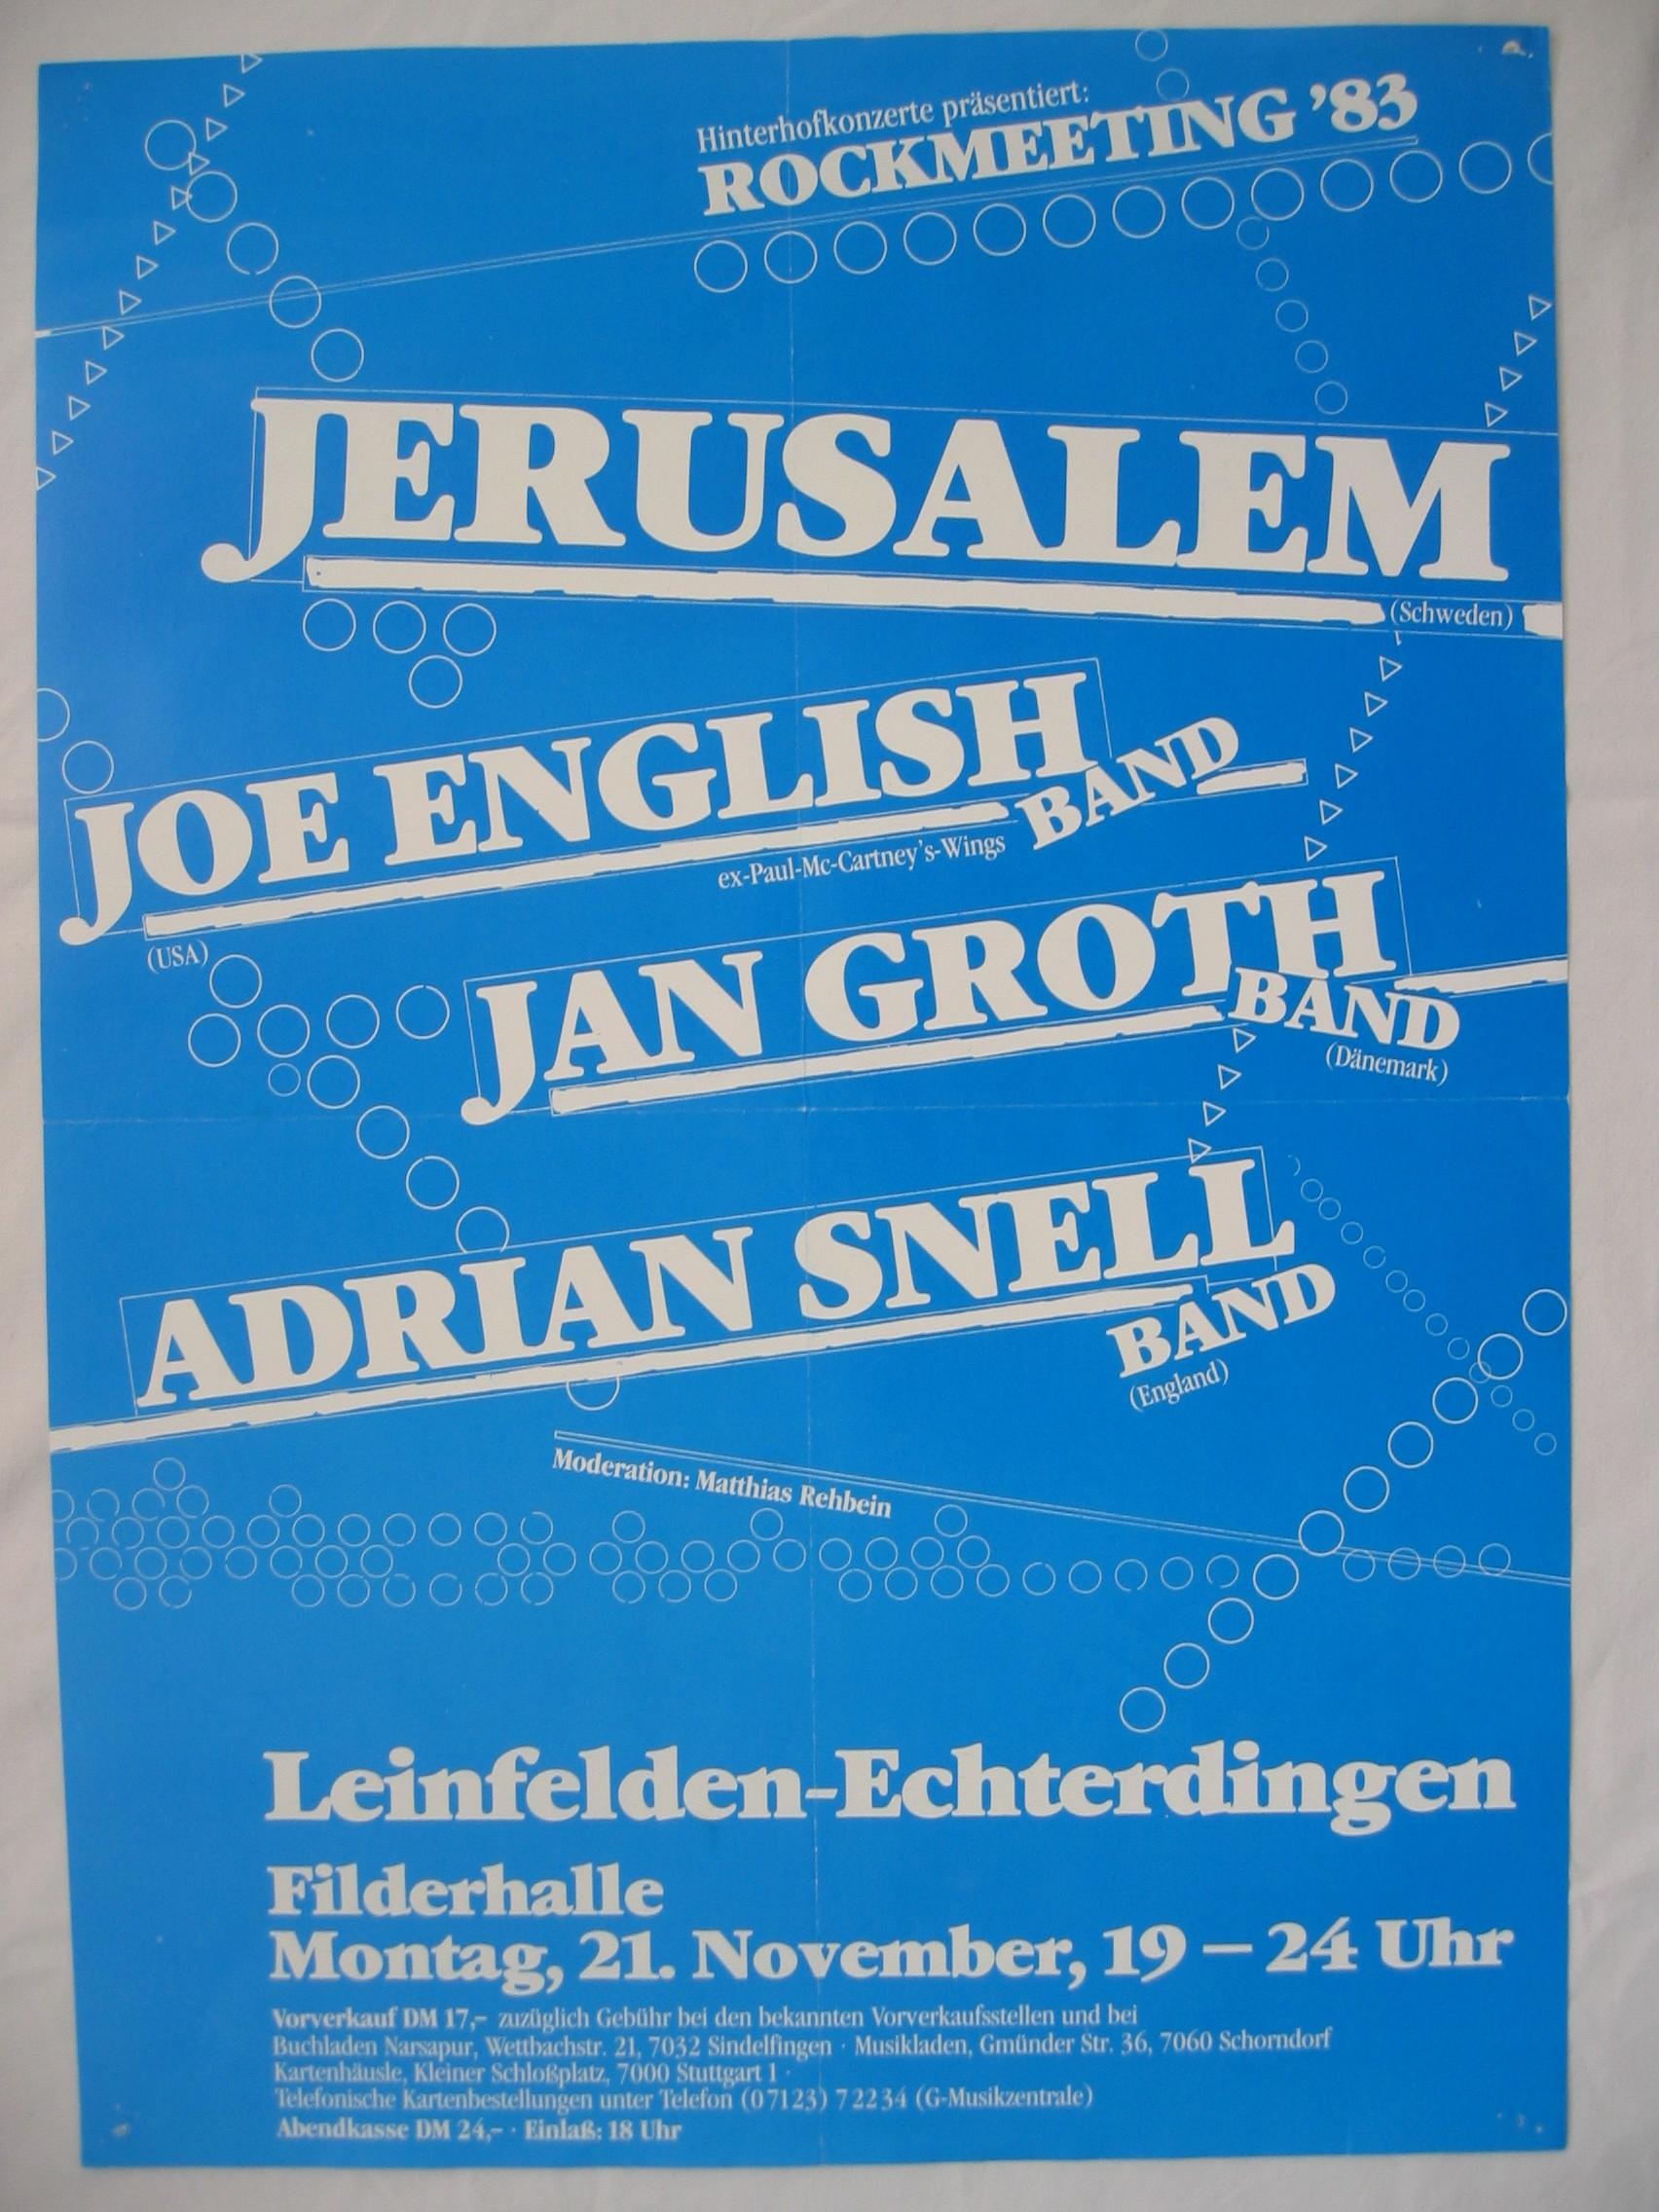 European tour med Joe English och flera